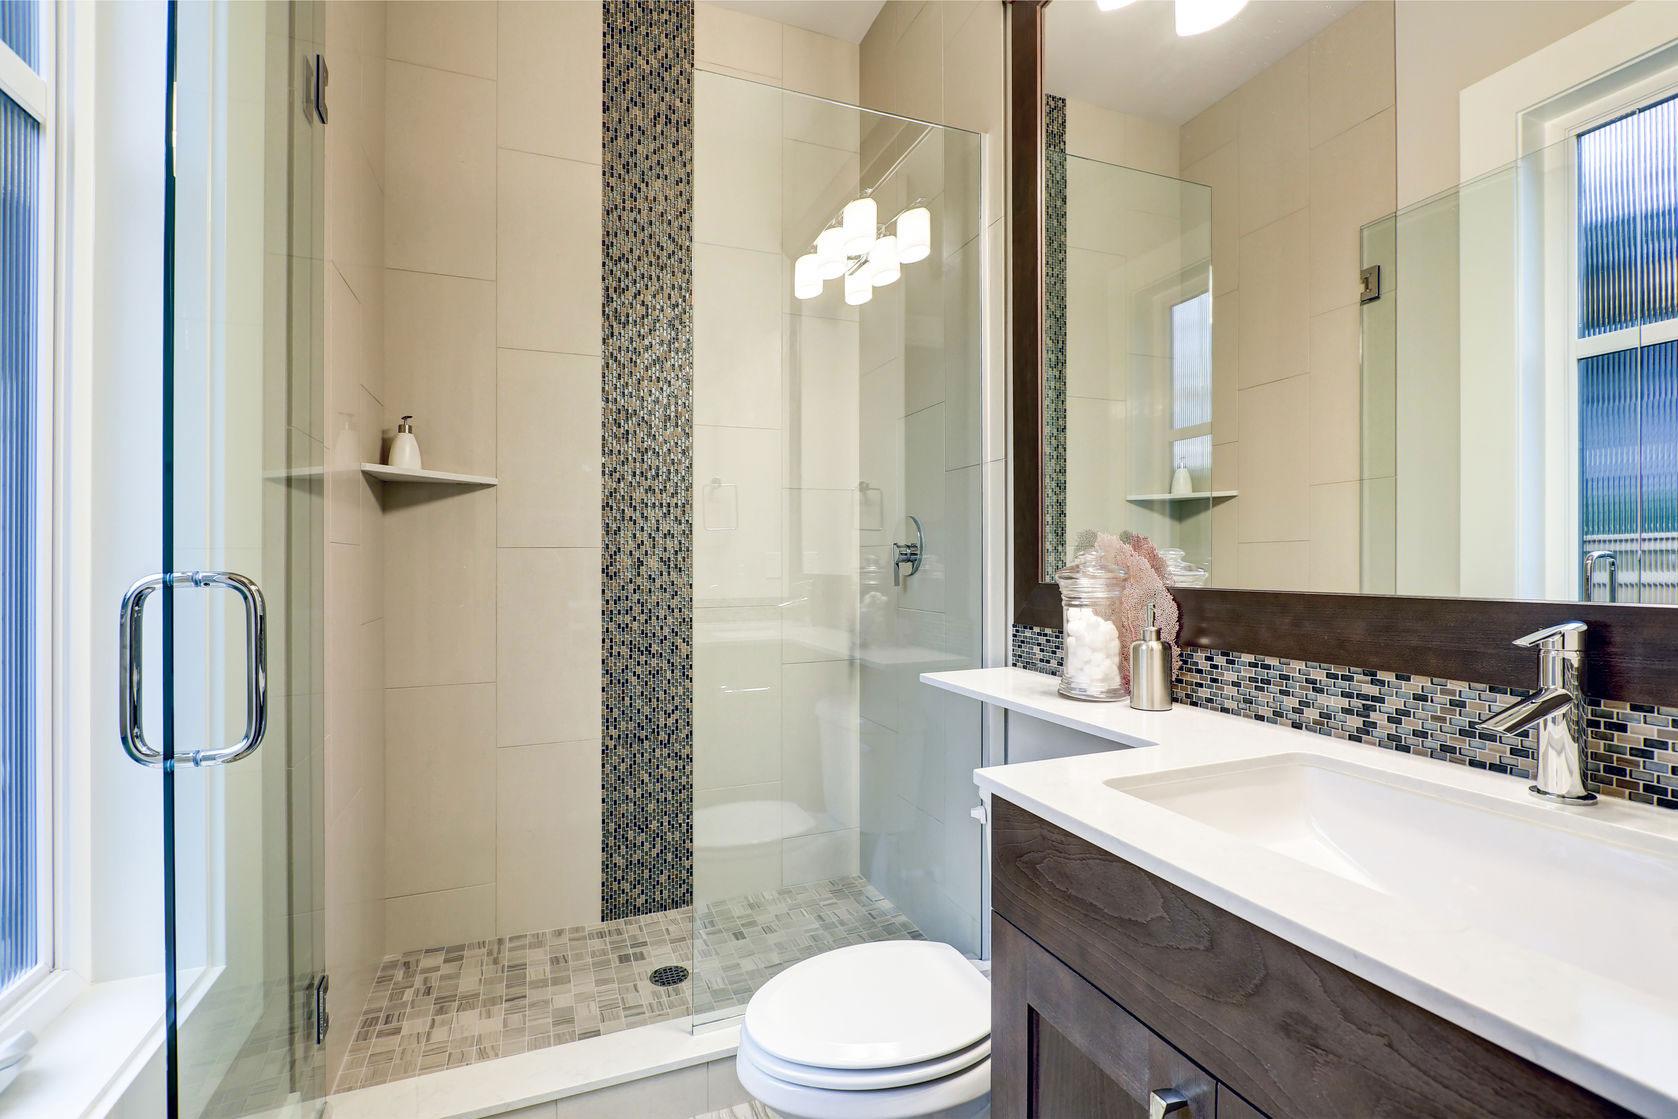 Ceramic Tile Per Square Foot Cost